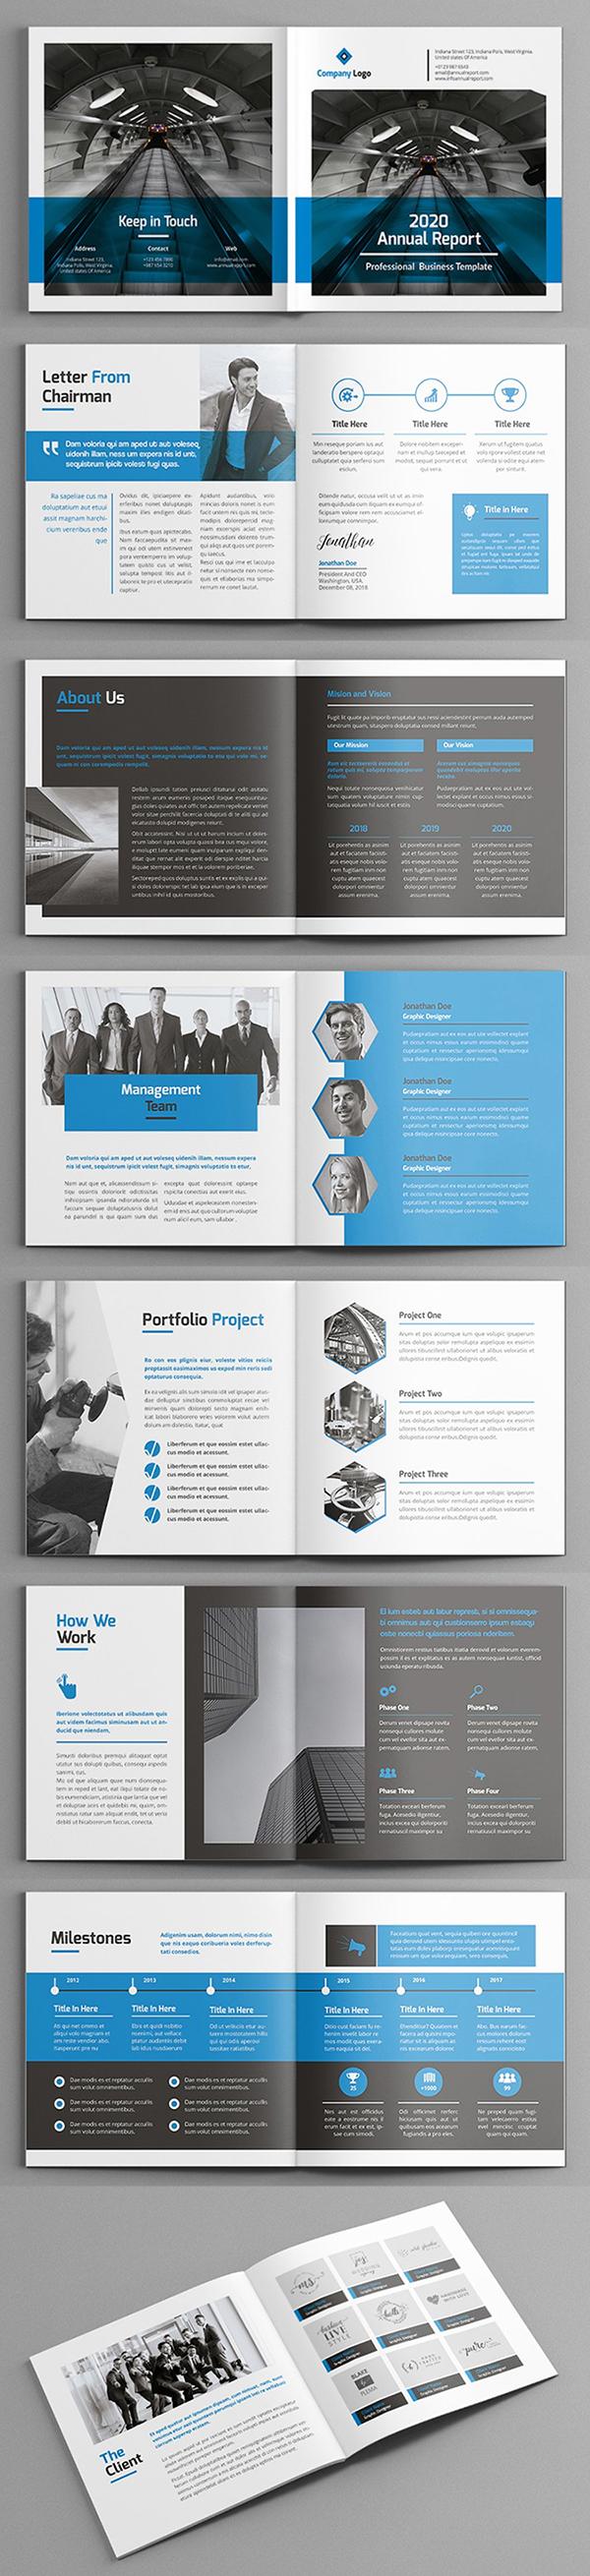 Mblandang – Square Annual Report